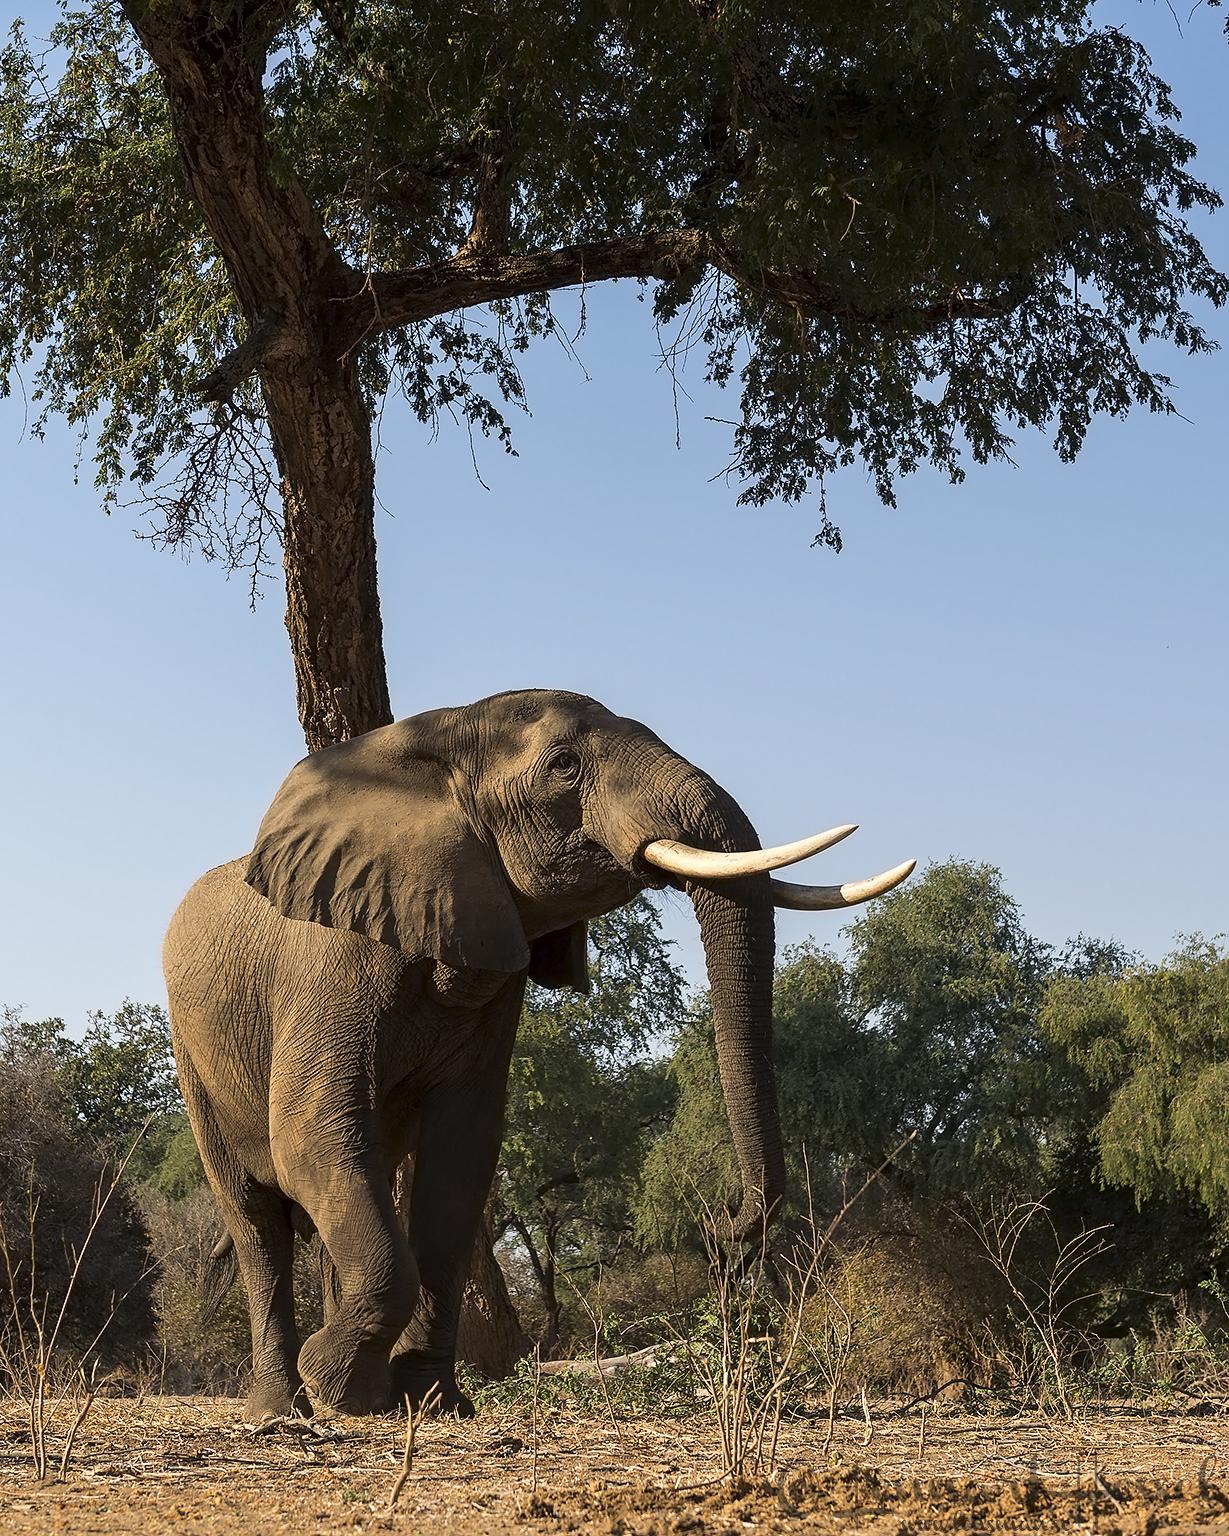 Elephant searching giants Mana Pools National Park, Zimbabwe